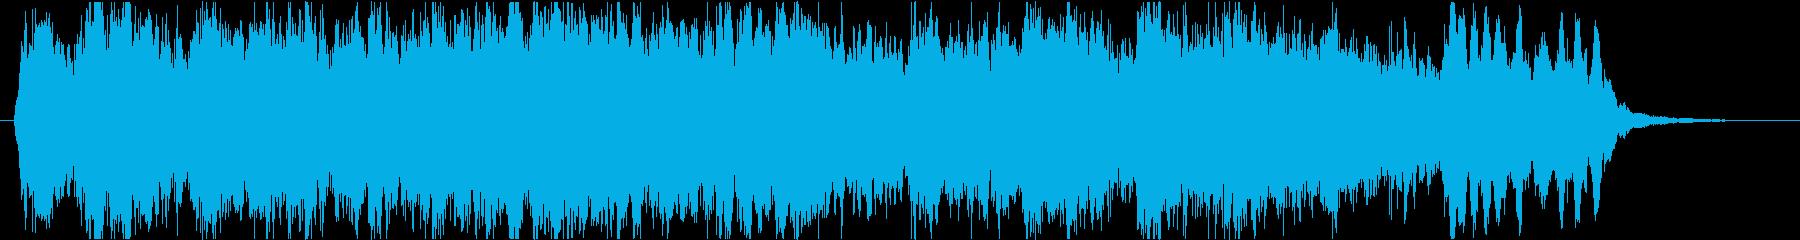 荘厳で本格的な混声四部のコラールの再生済みの波形